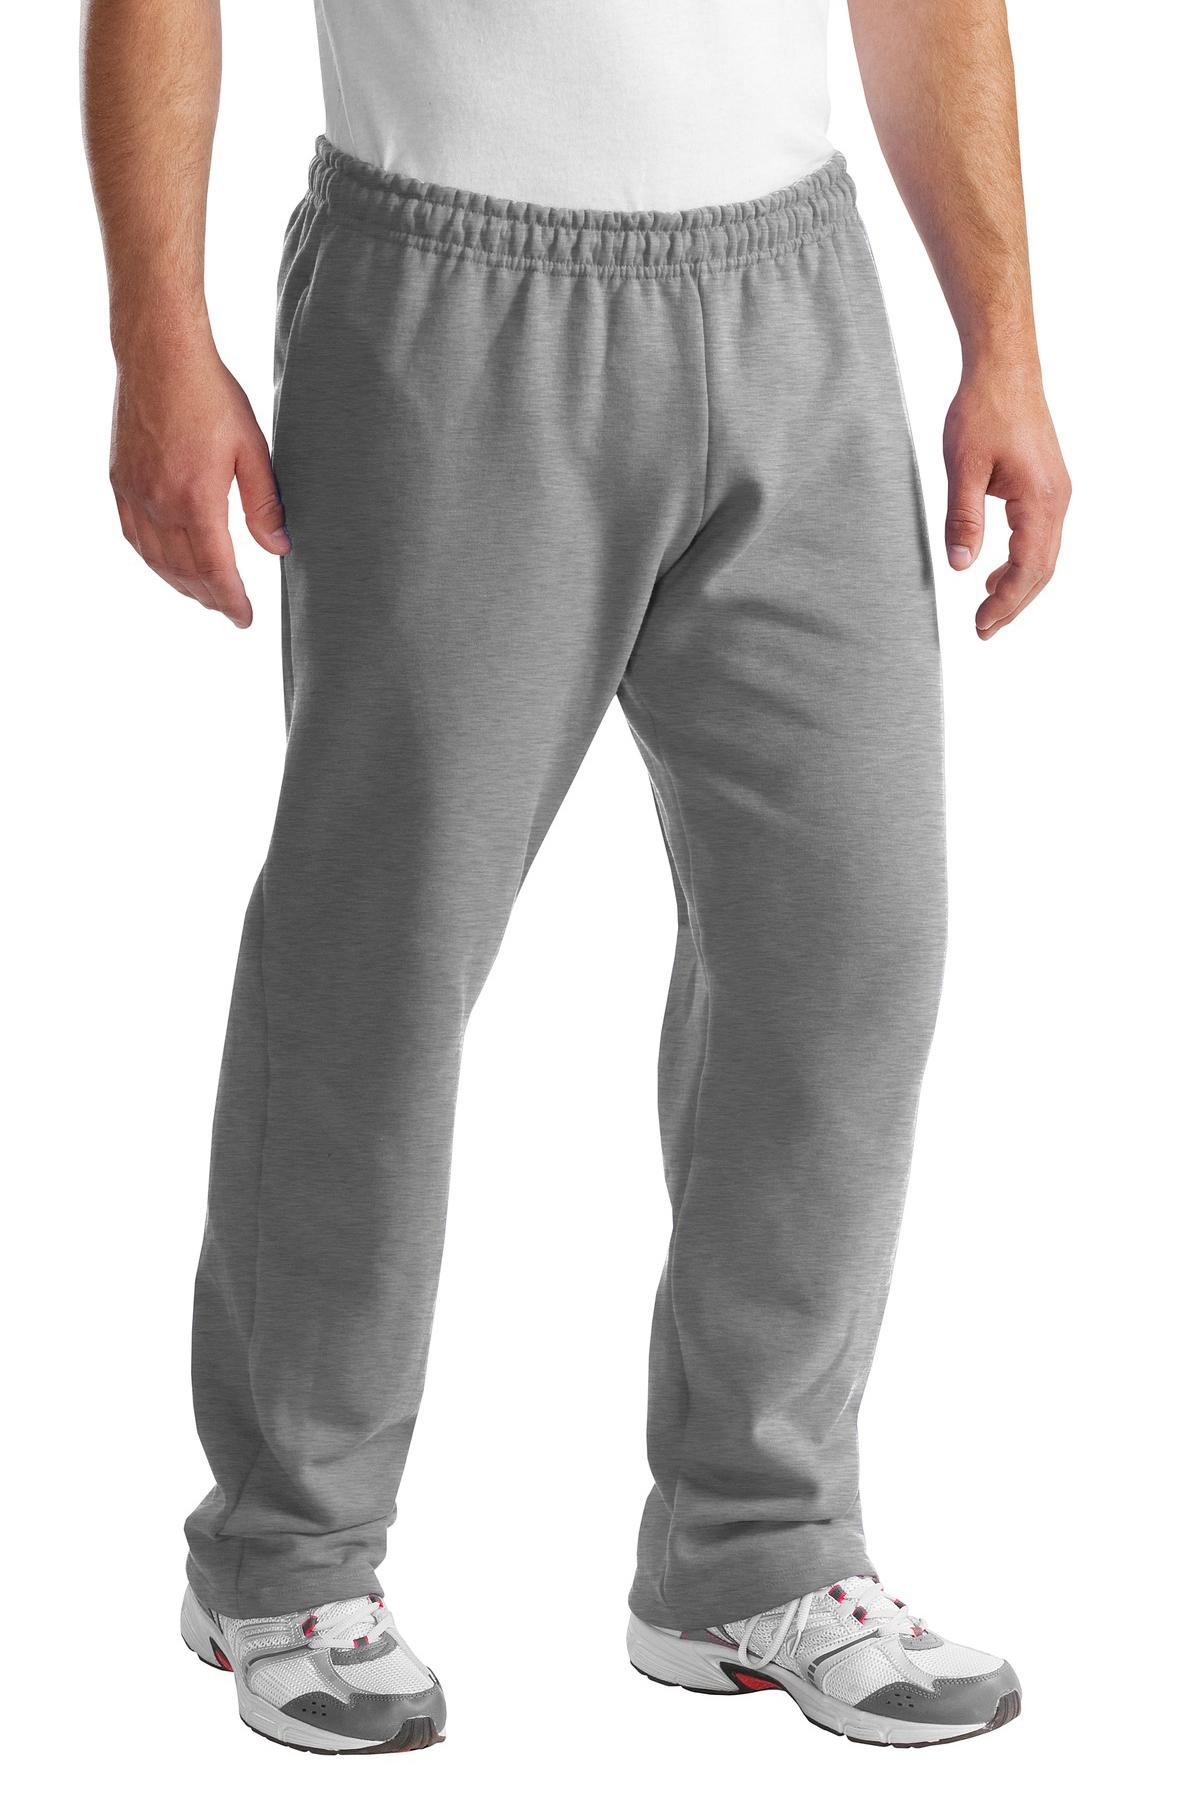 Pants-4